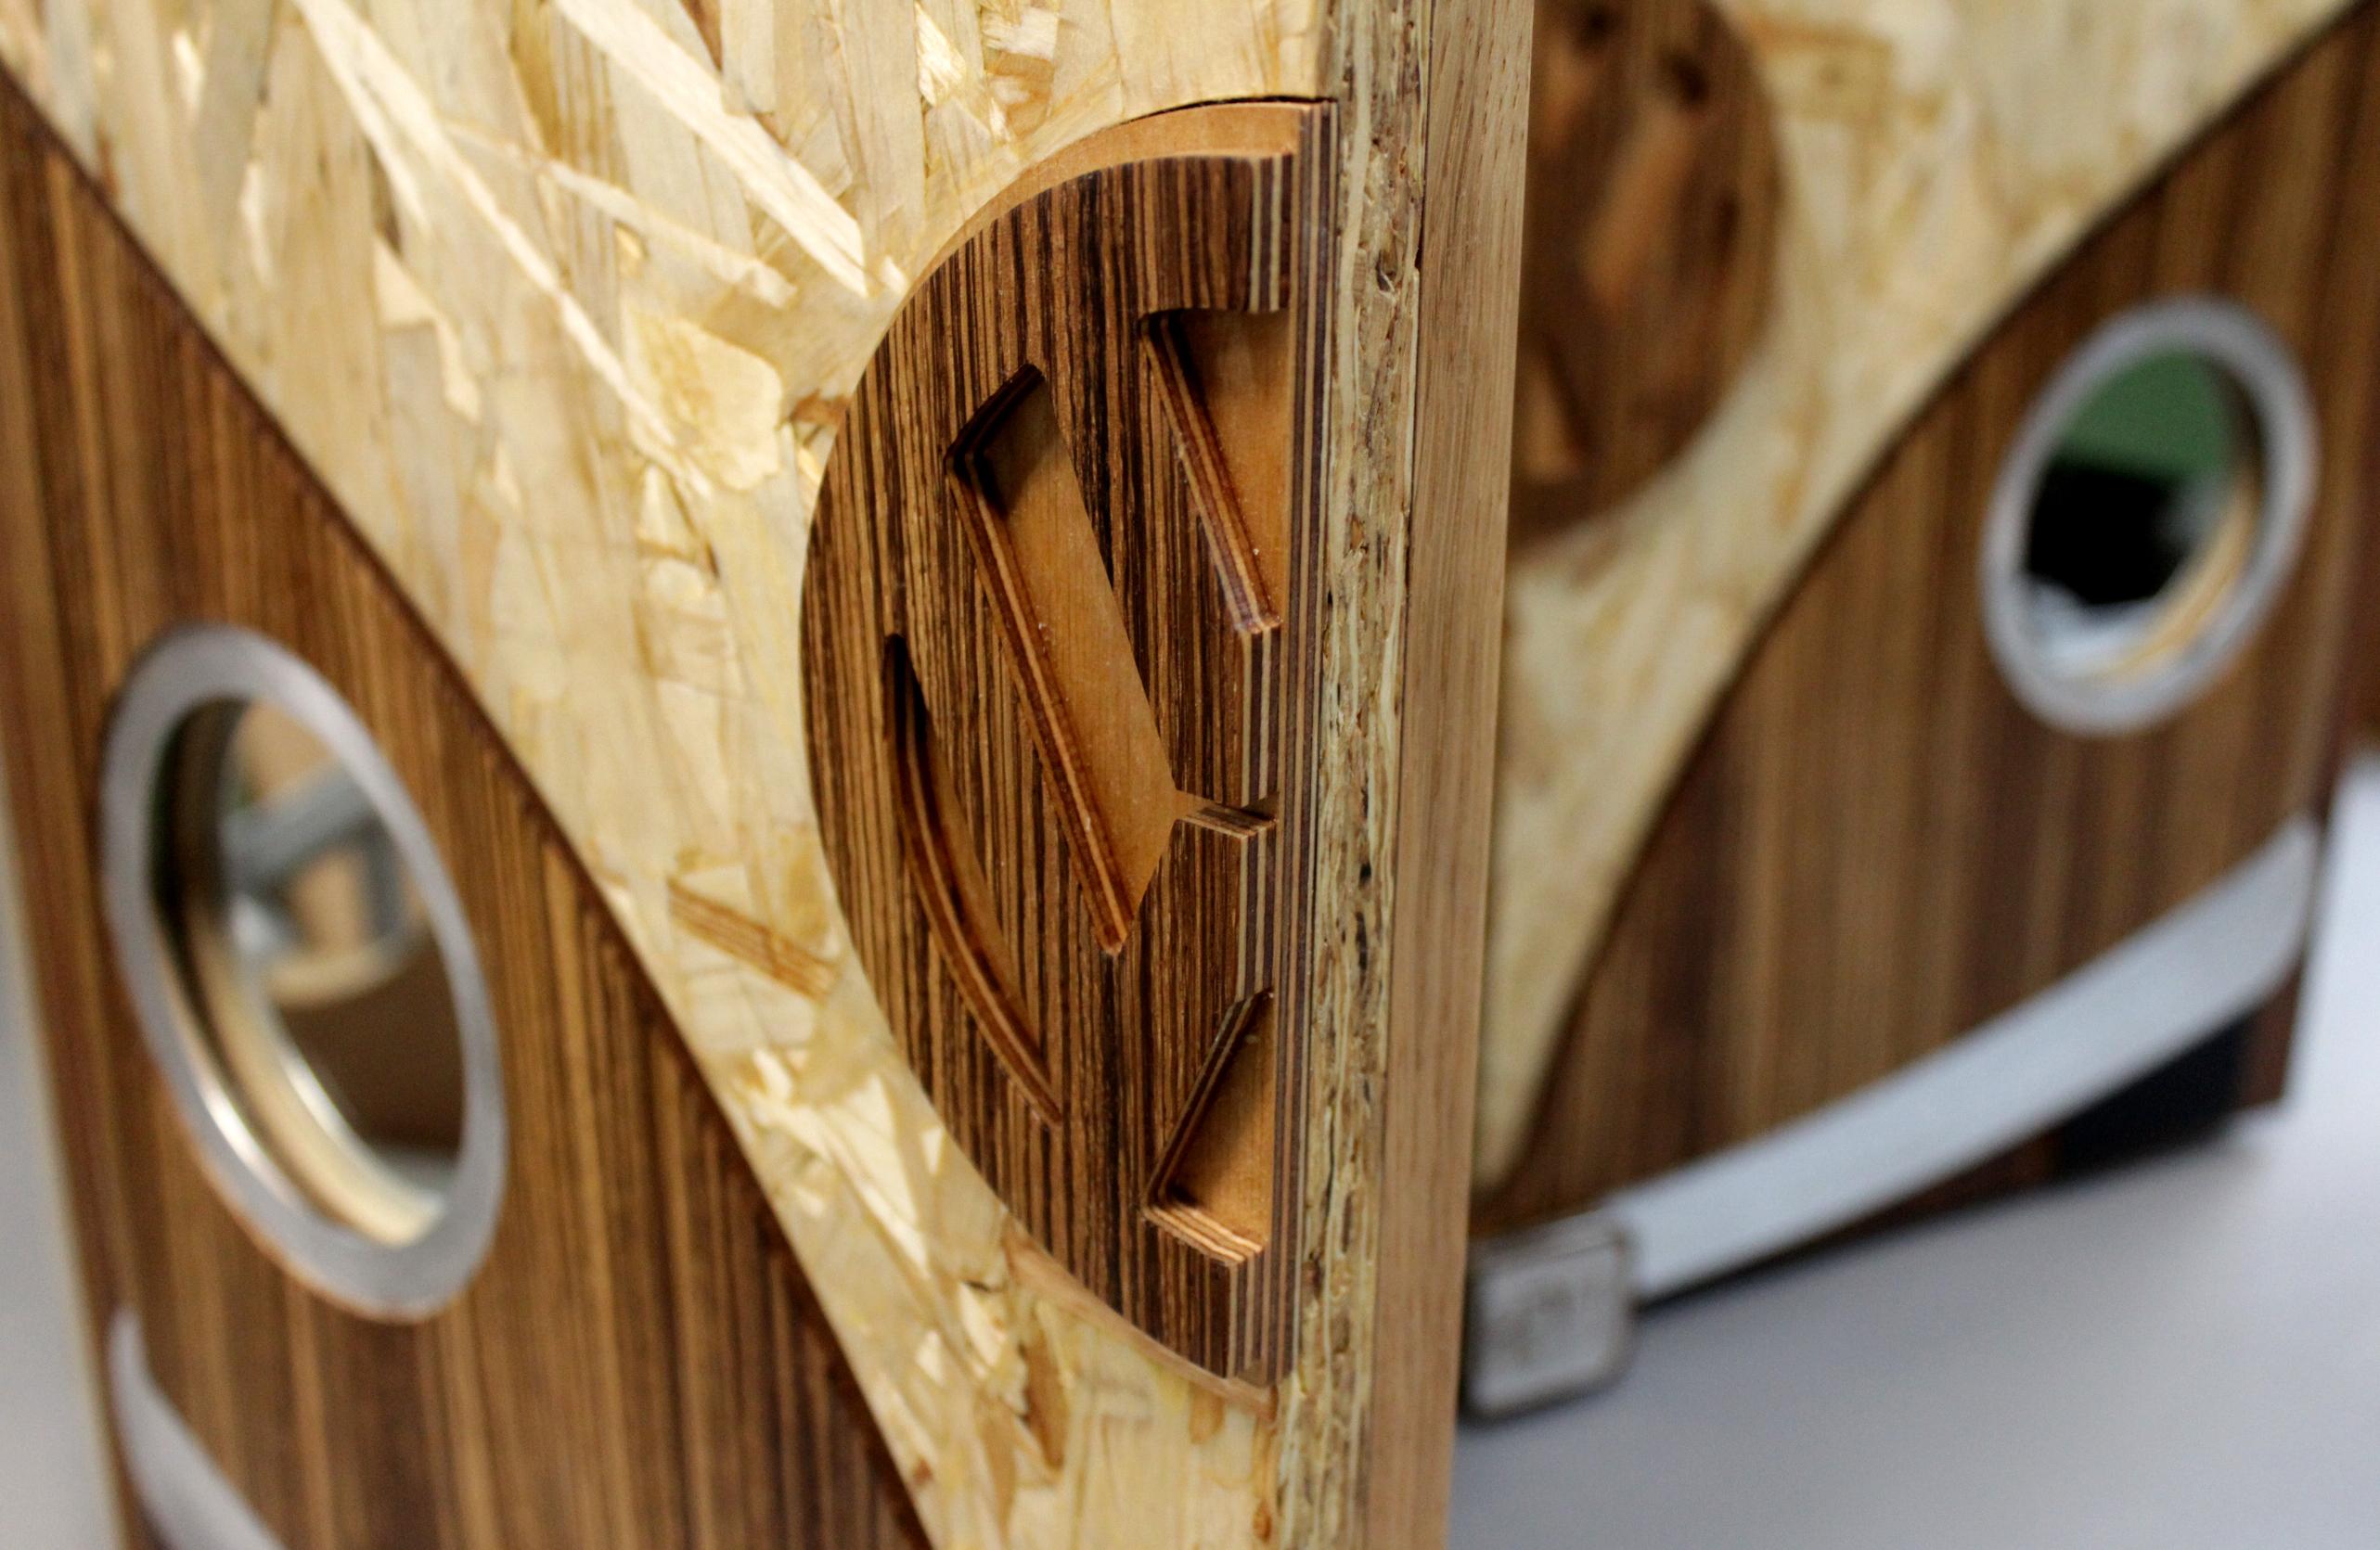 Volkswagon camper cupboard detail